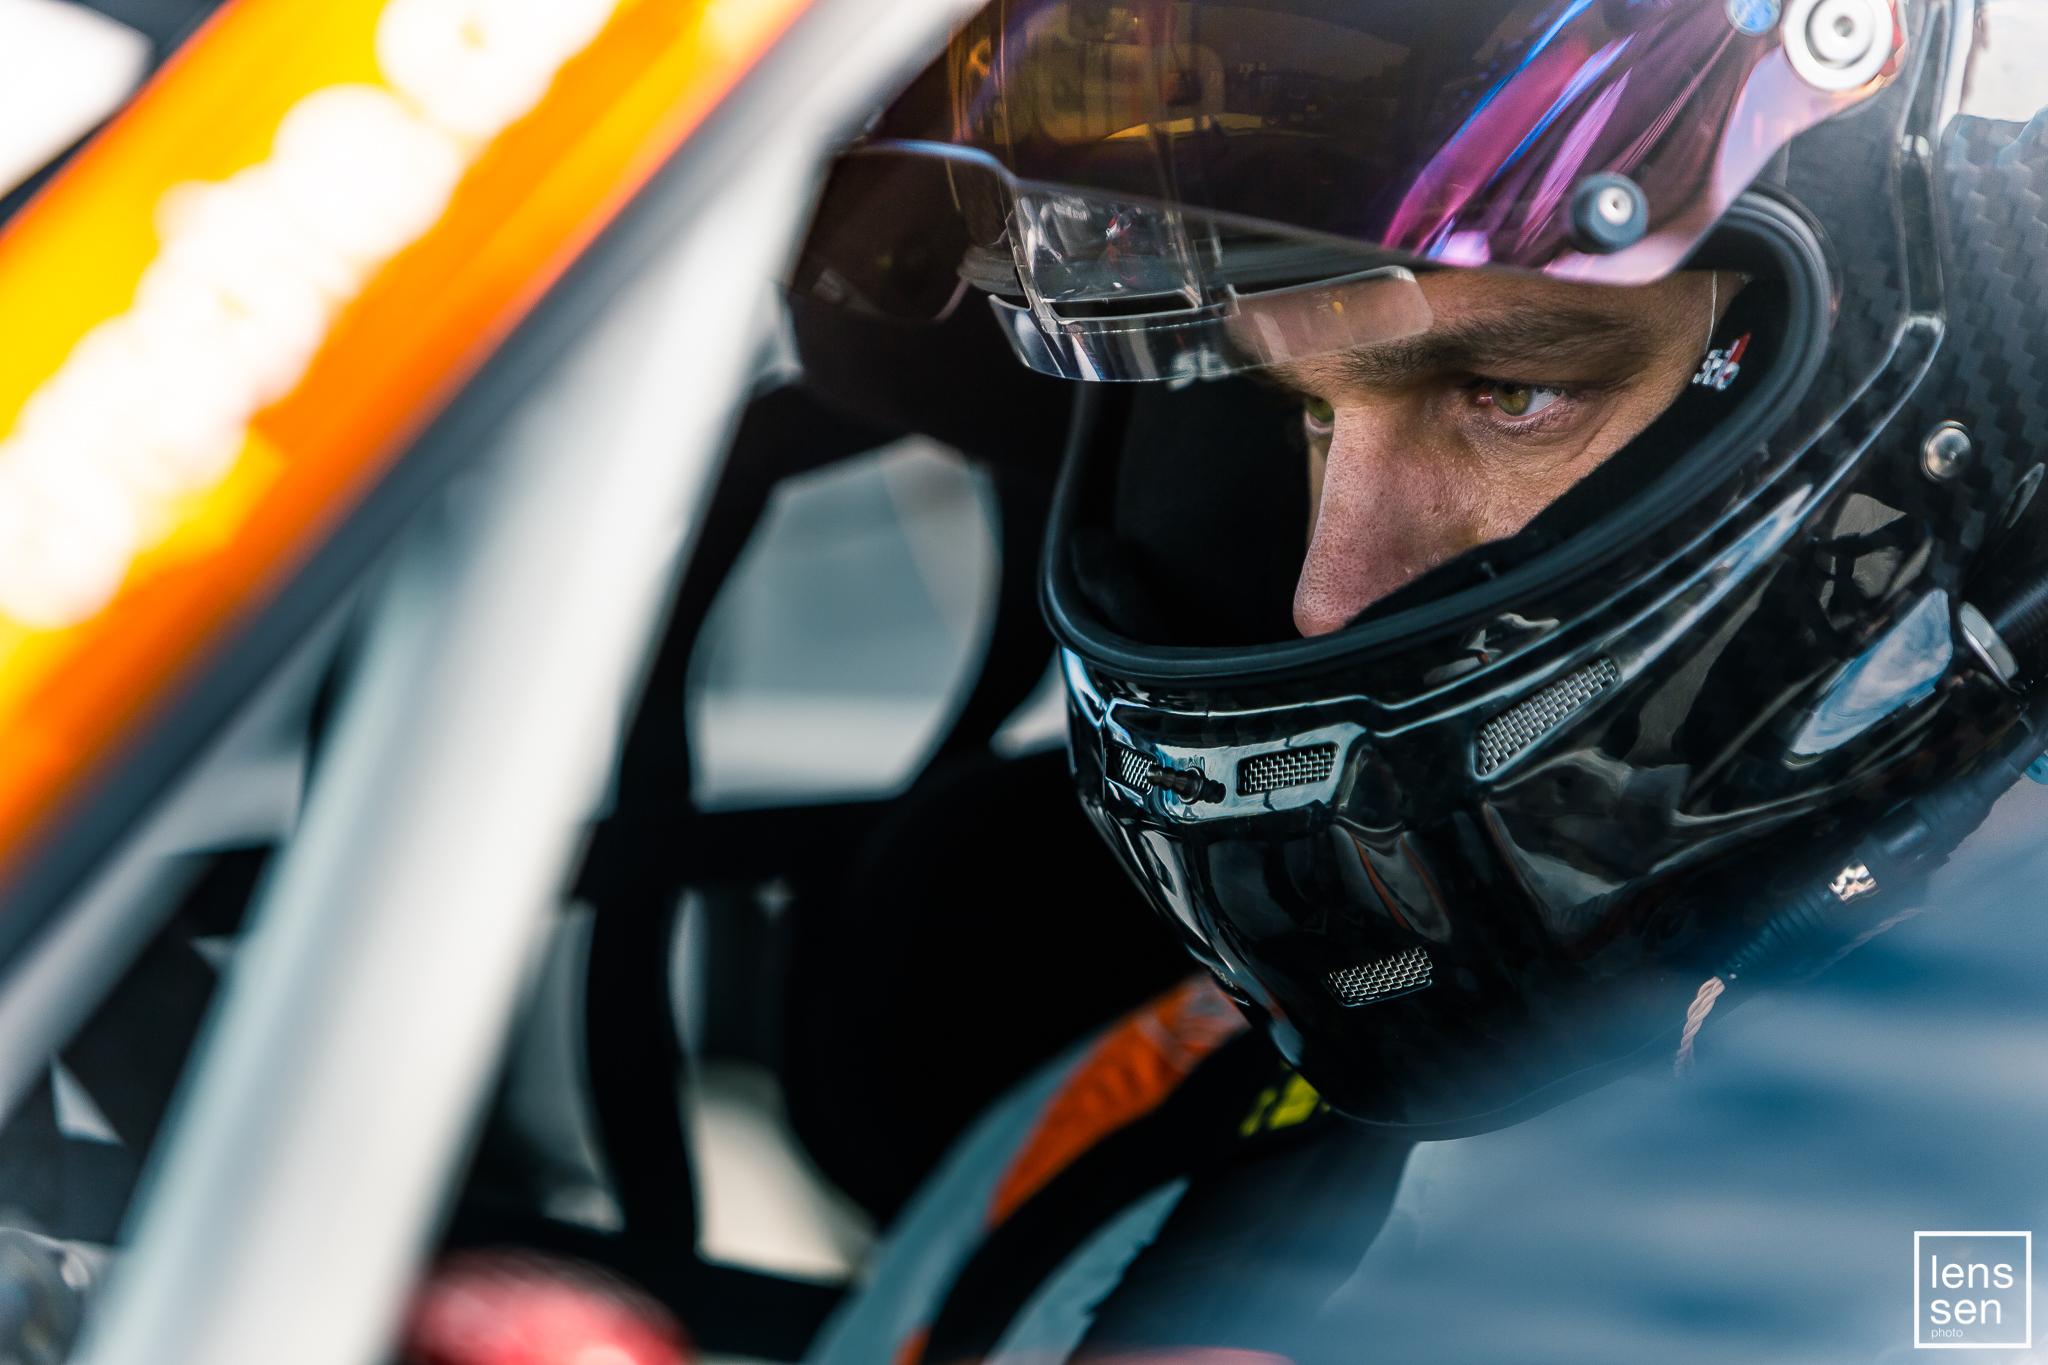 Porsche GT3 Cup Challenge Canada - 052019 - CTMP Mosport VDS 2019 - Lenssen Photo - 131 -8136.jpg